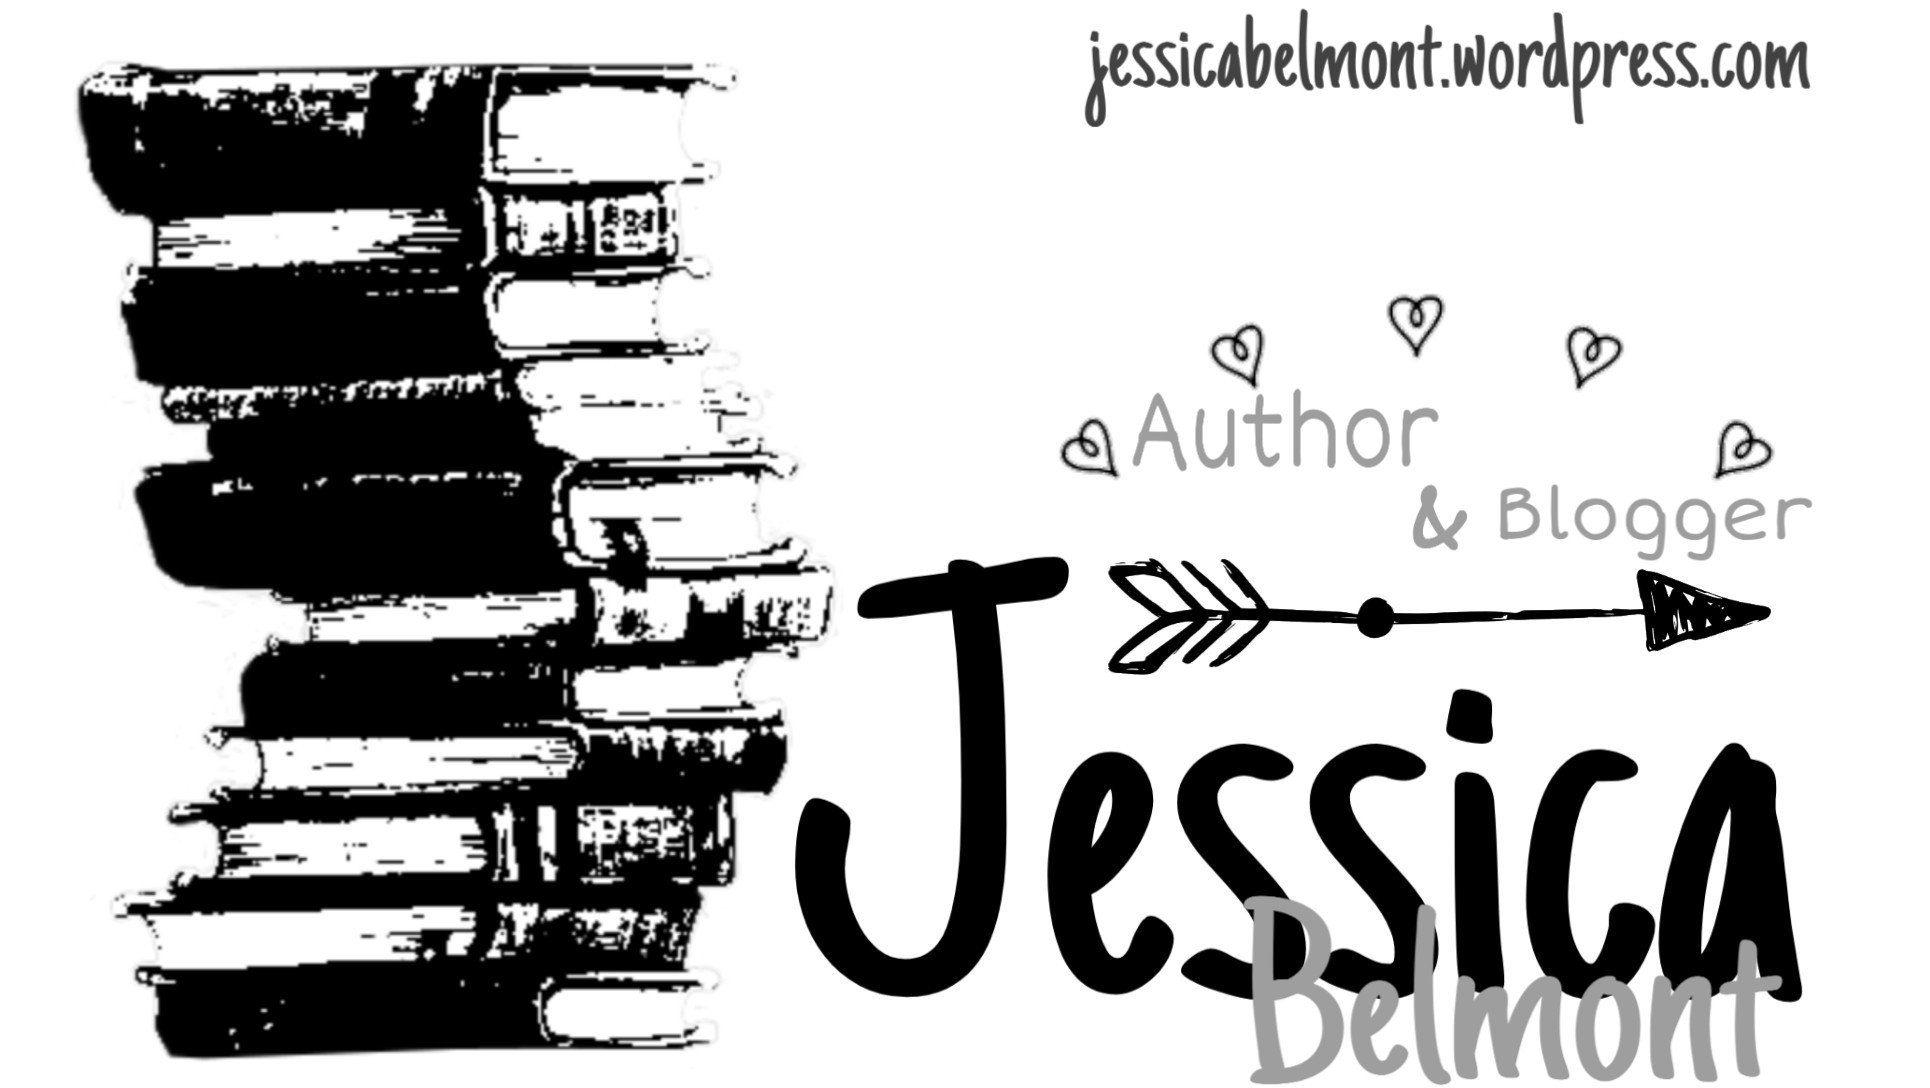 Jessica Belmont